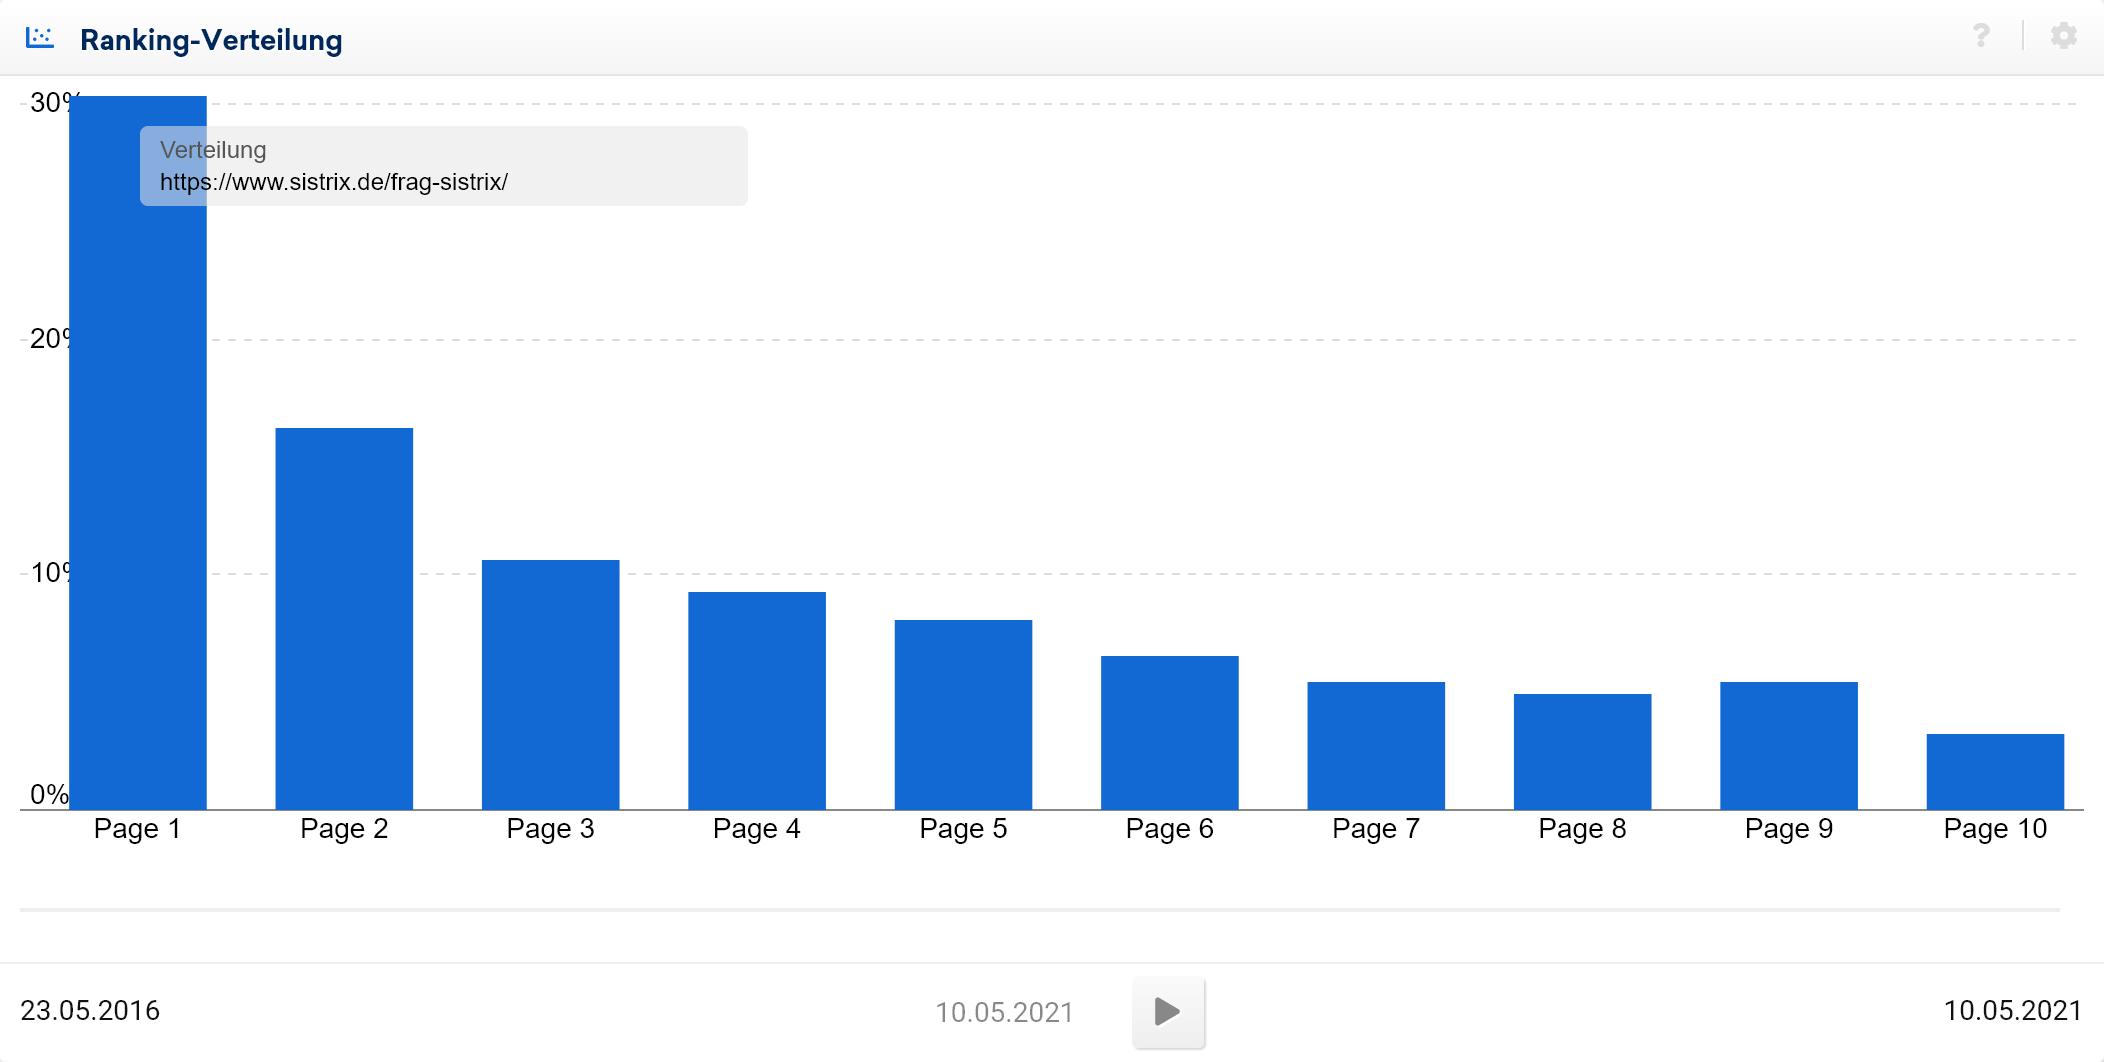 Beispiel Ranking-Verteilung